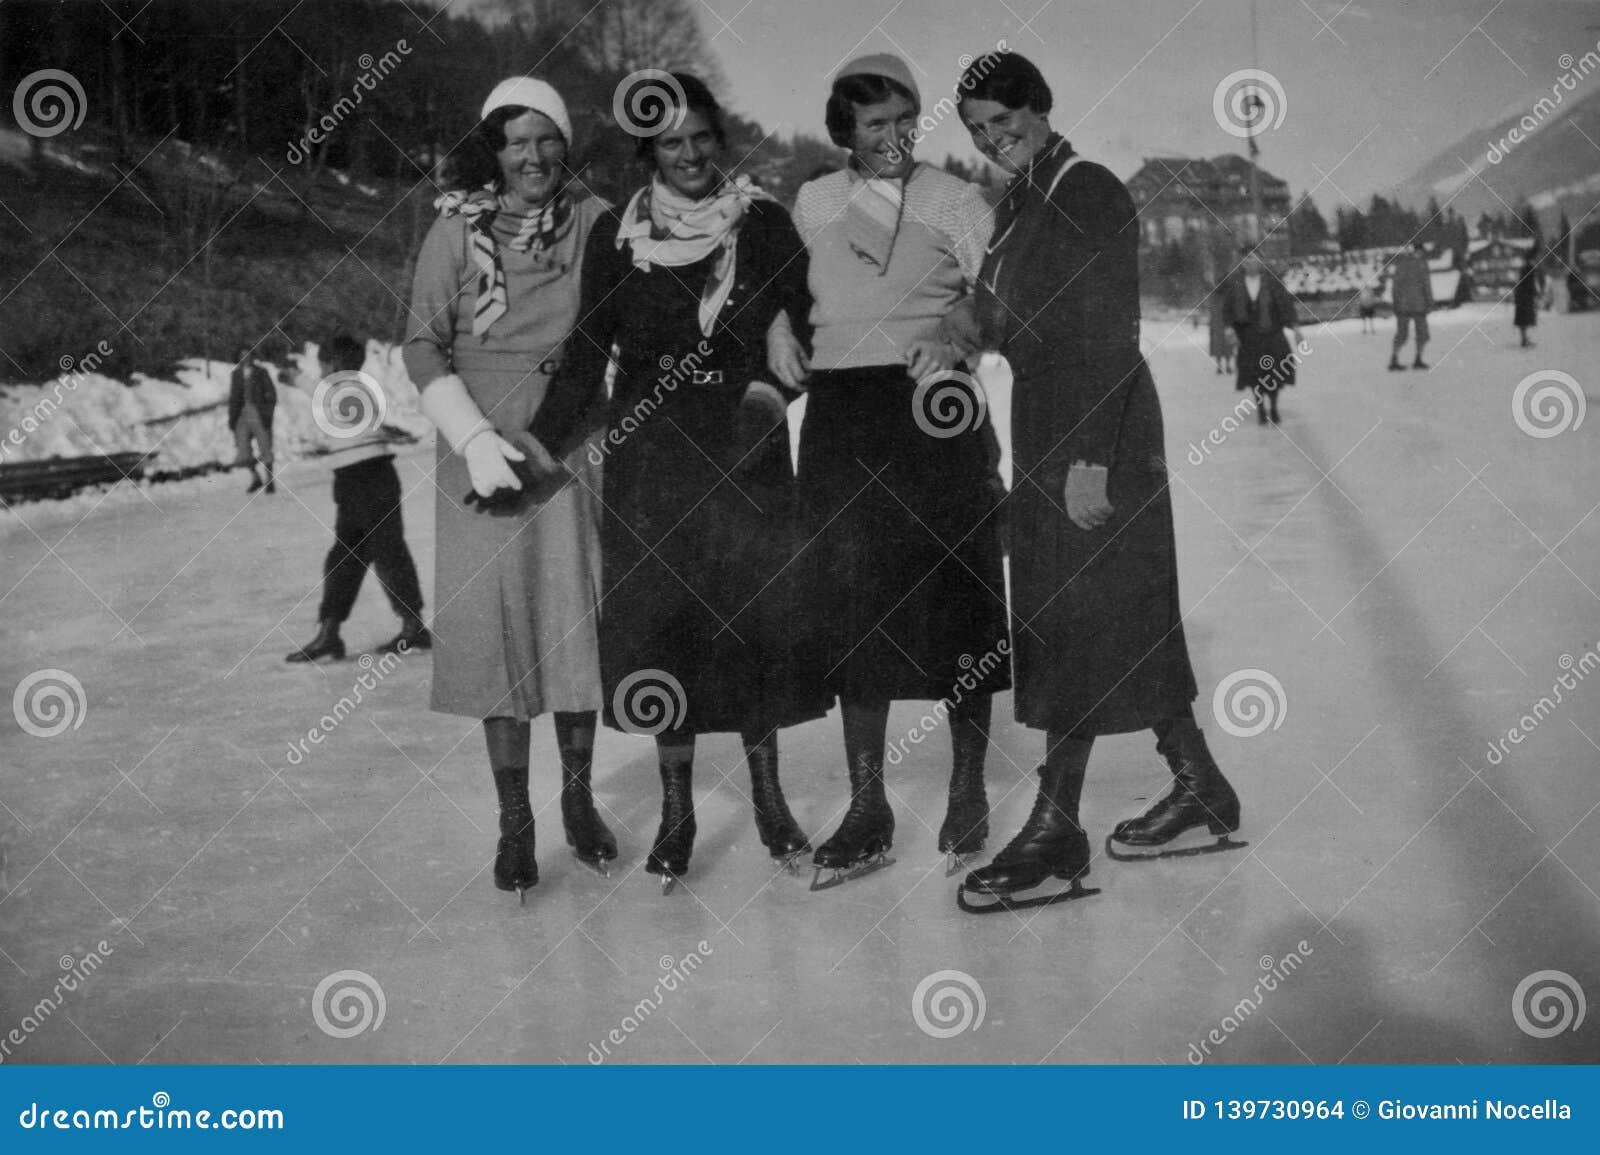 ALPS, SZWAJCARIA, 1932 - Cztery uśmiechniętej dziewczyny jeździć na łyżwach na wakacje w Szwajcarskich Alps